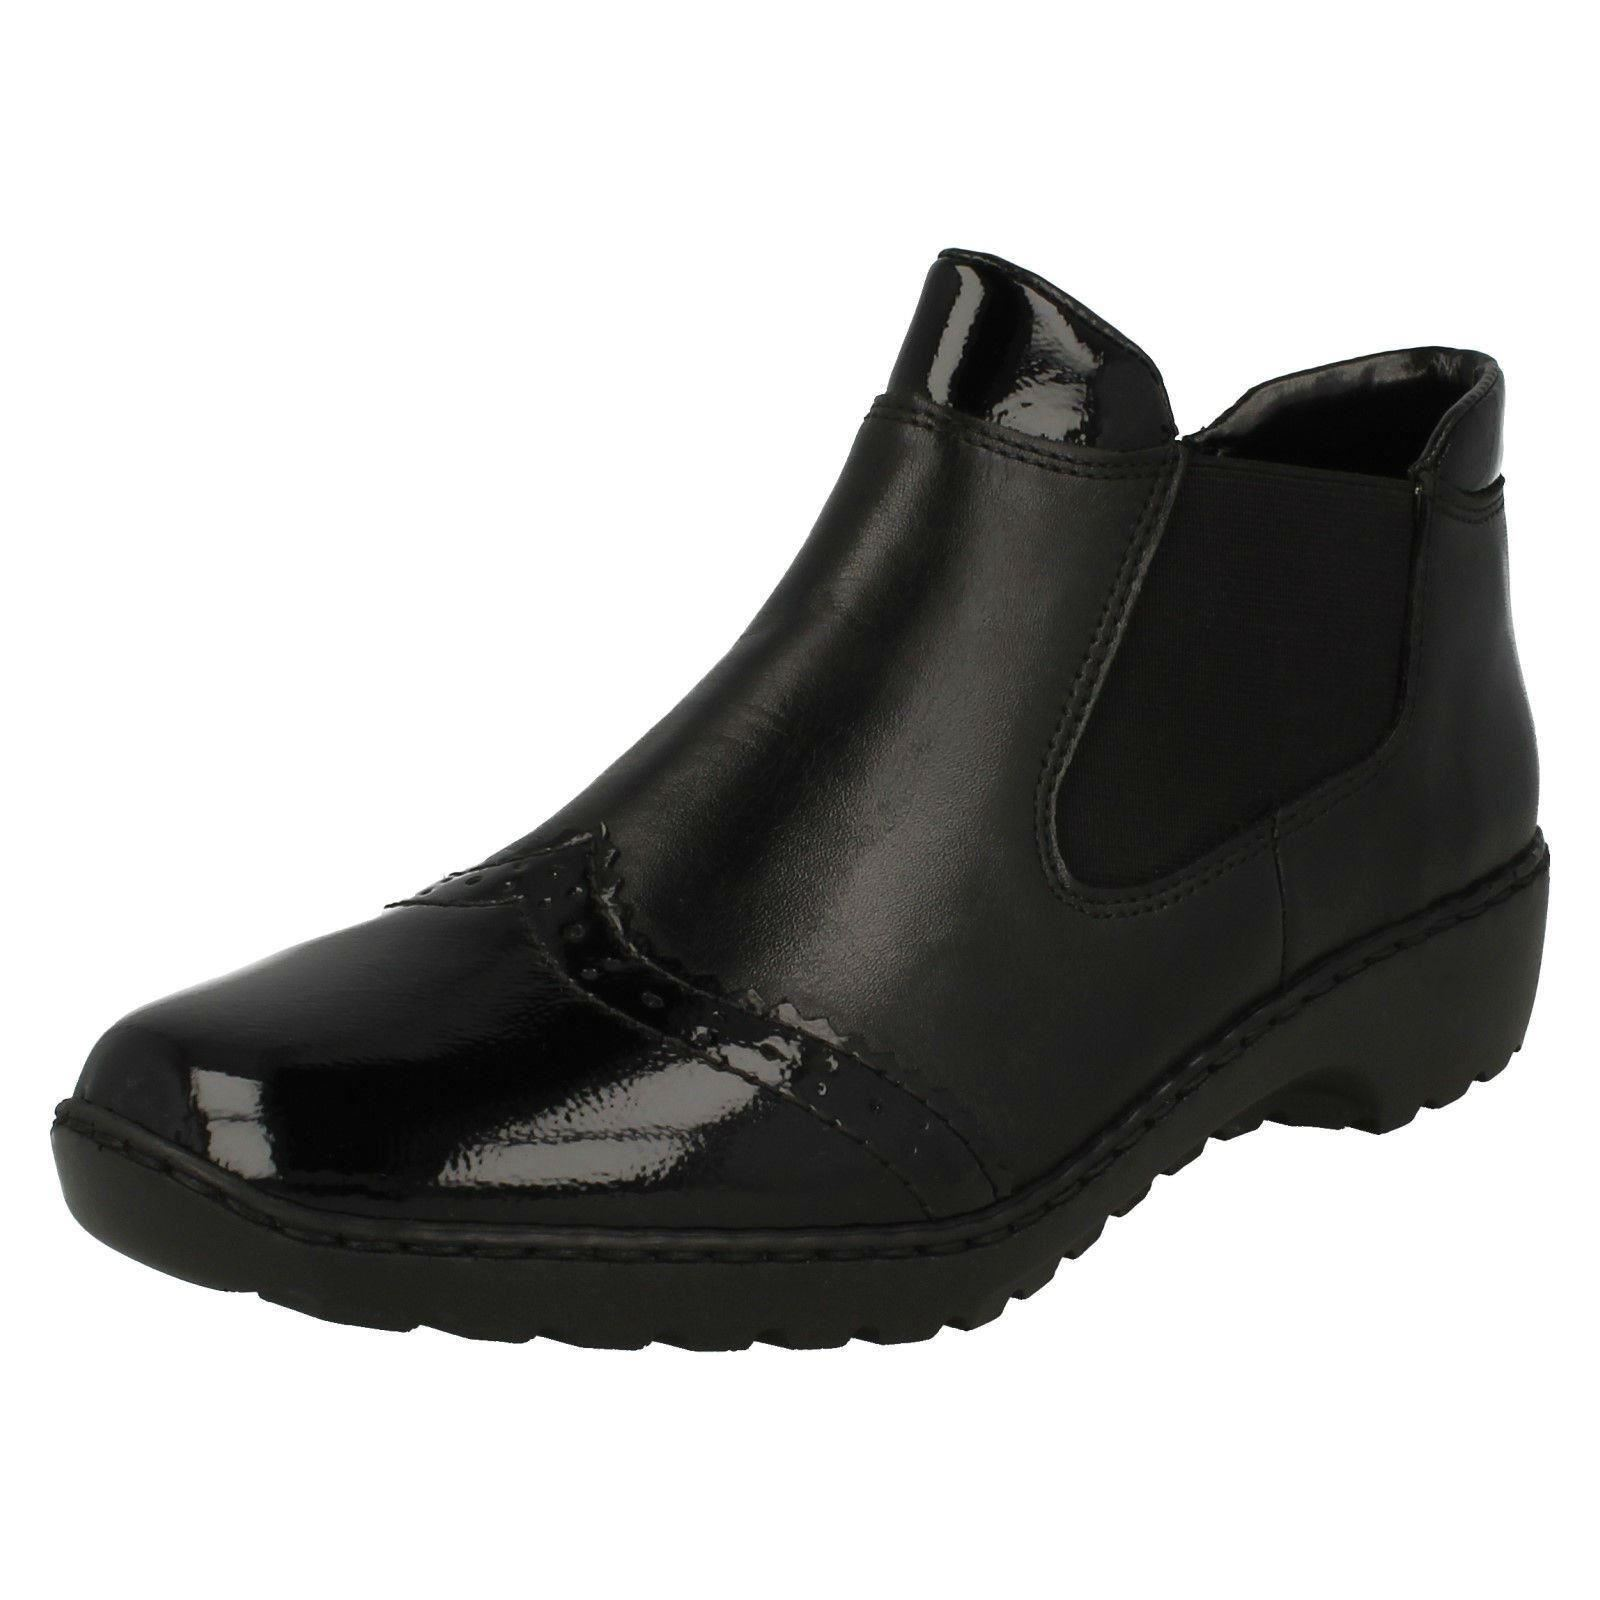 Damenschuhe Rieker Brogue InspiROT Stiefel L6099 - L6099 Stiefel 7c025f